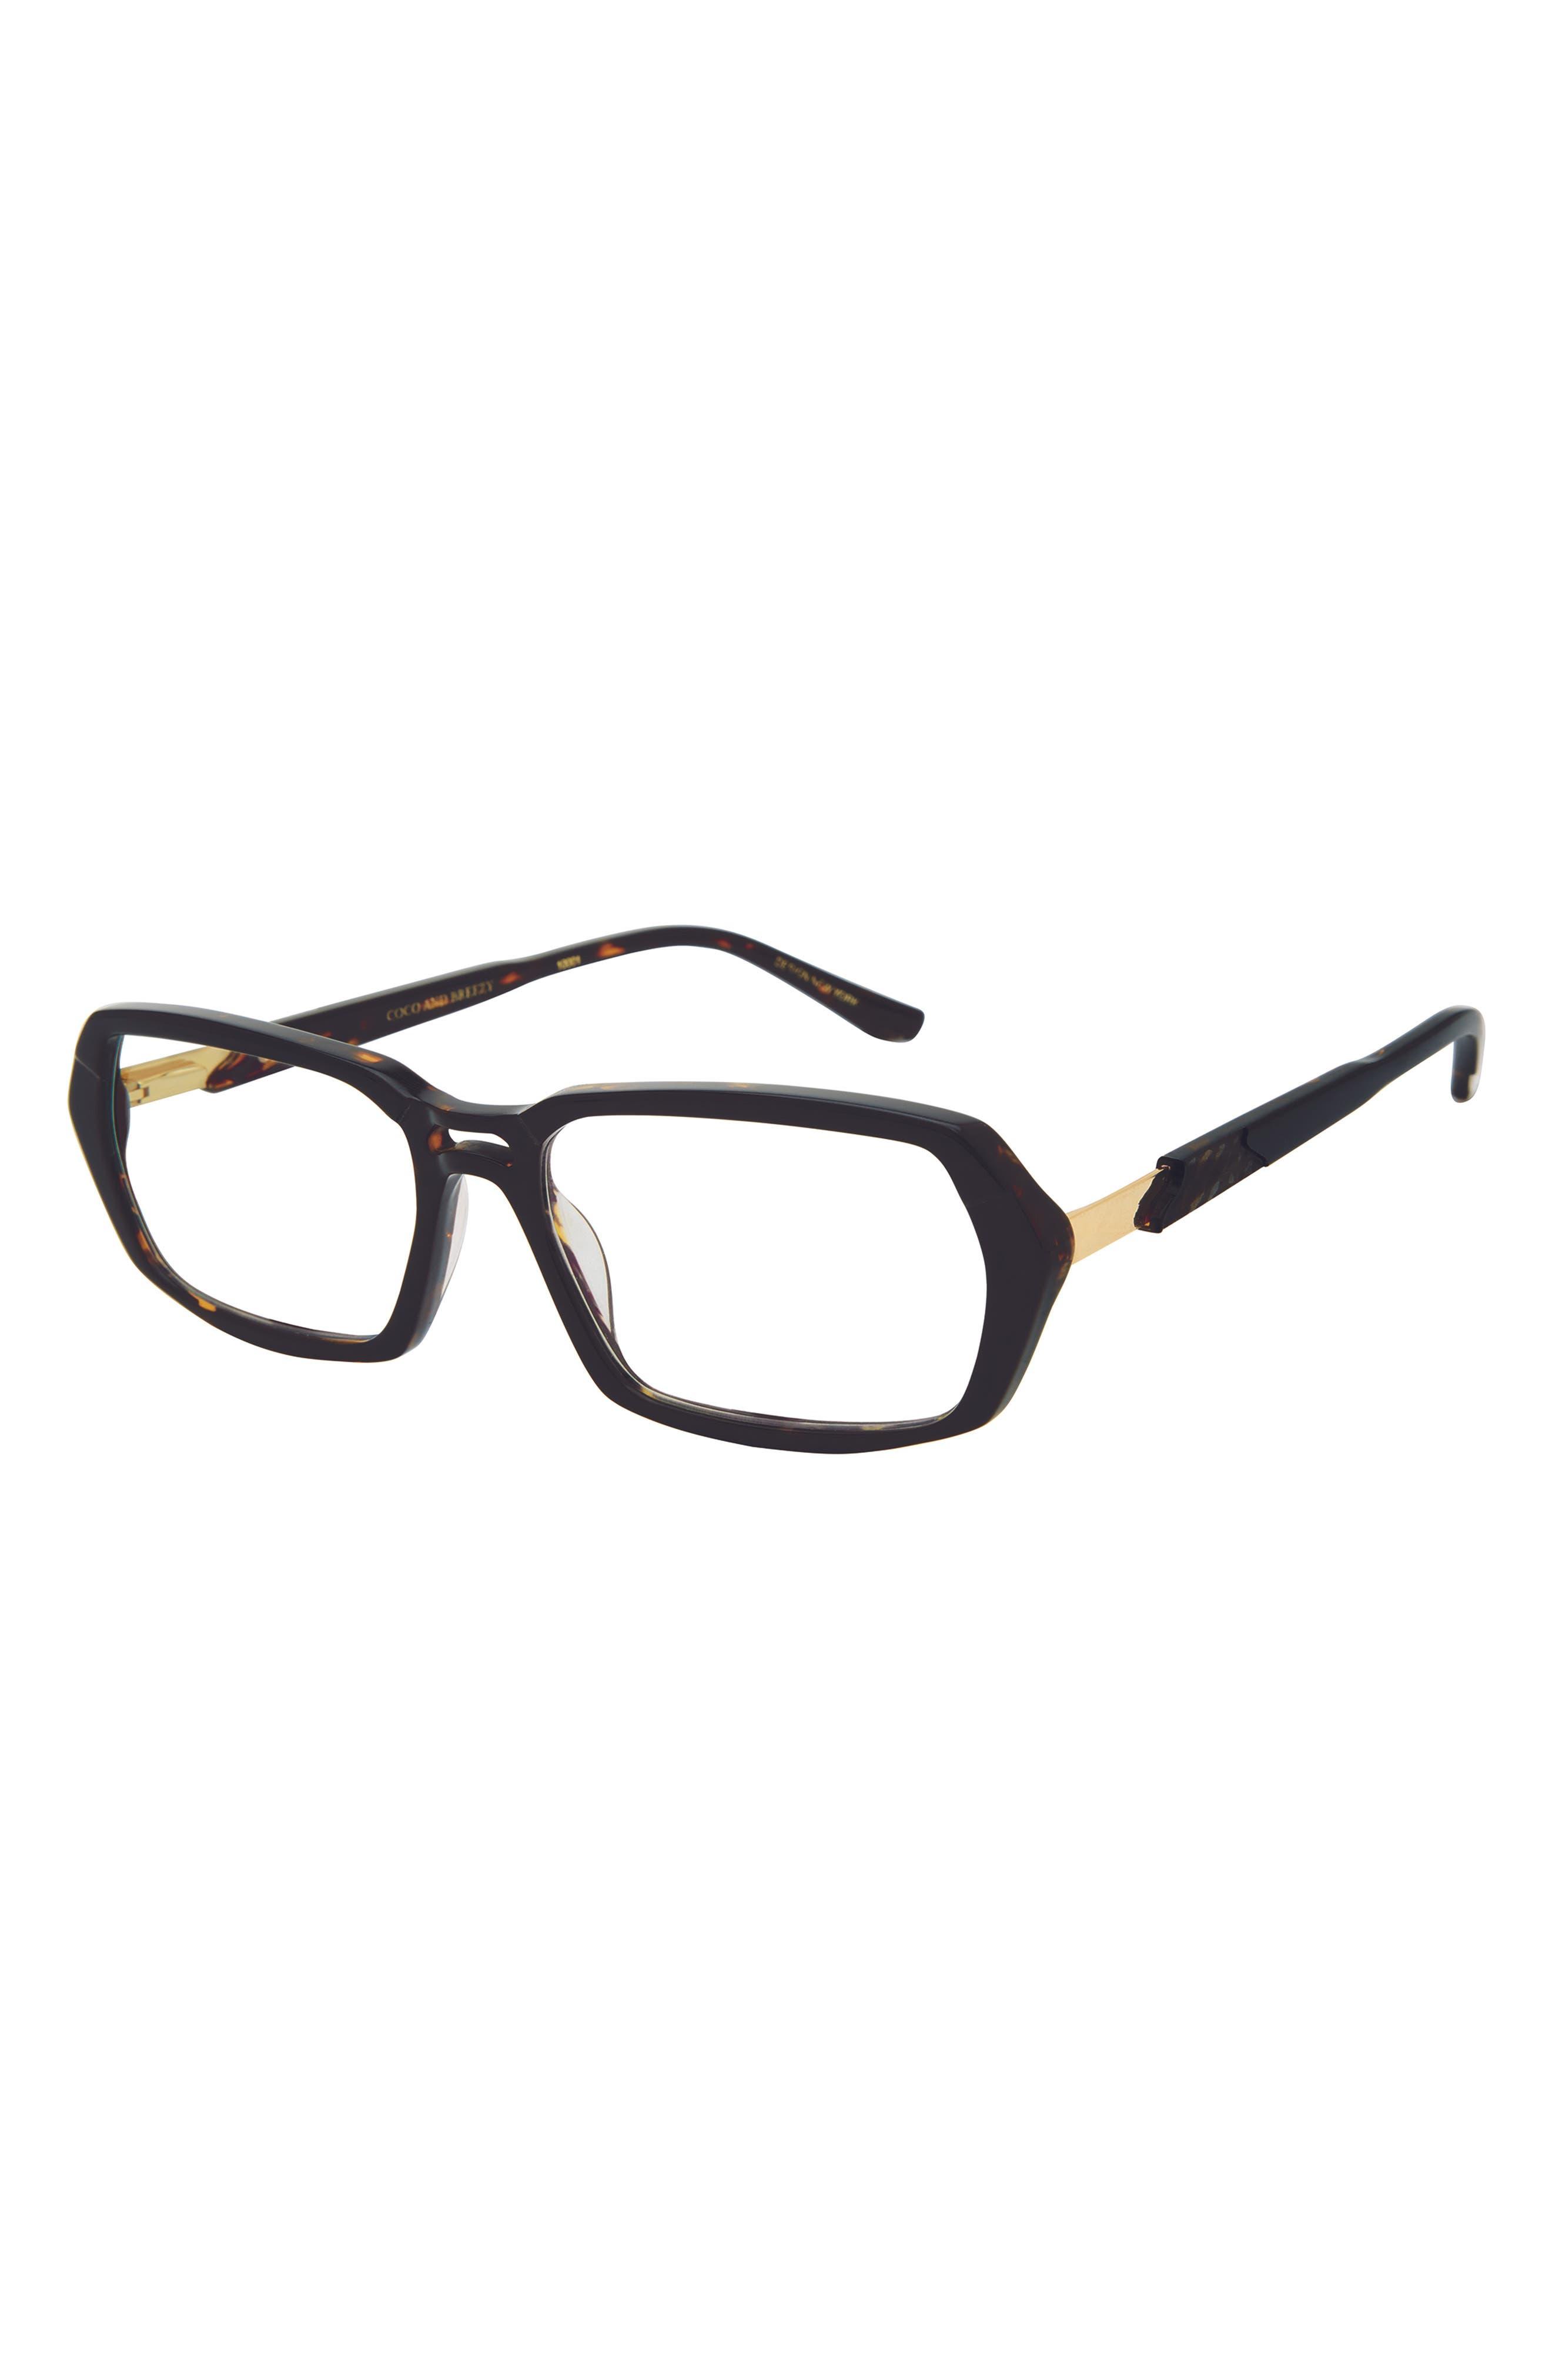 Admire 53mm Rectangularblue Light Blocking Glasses